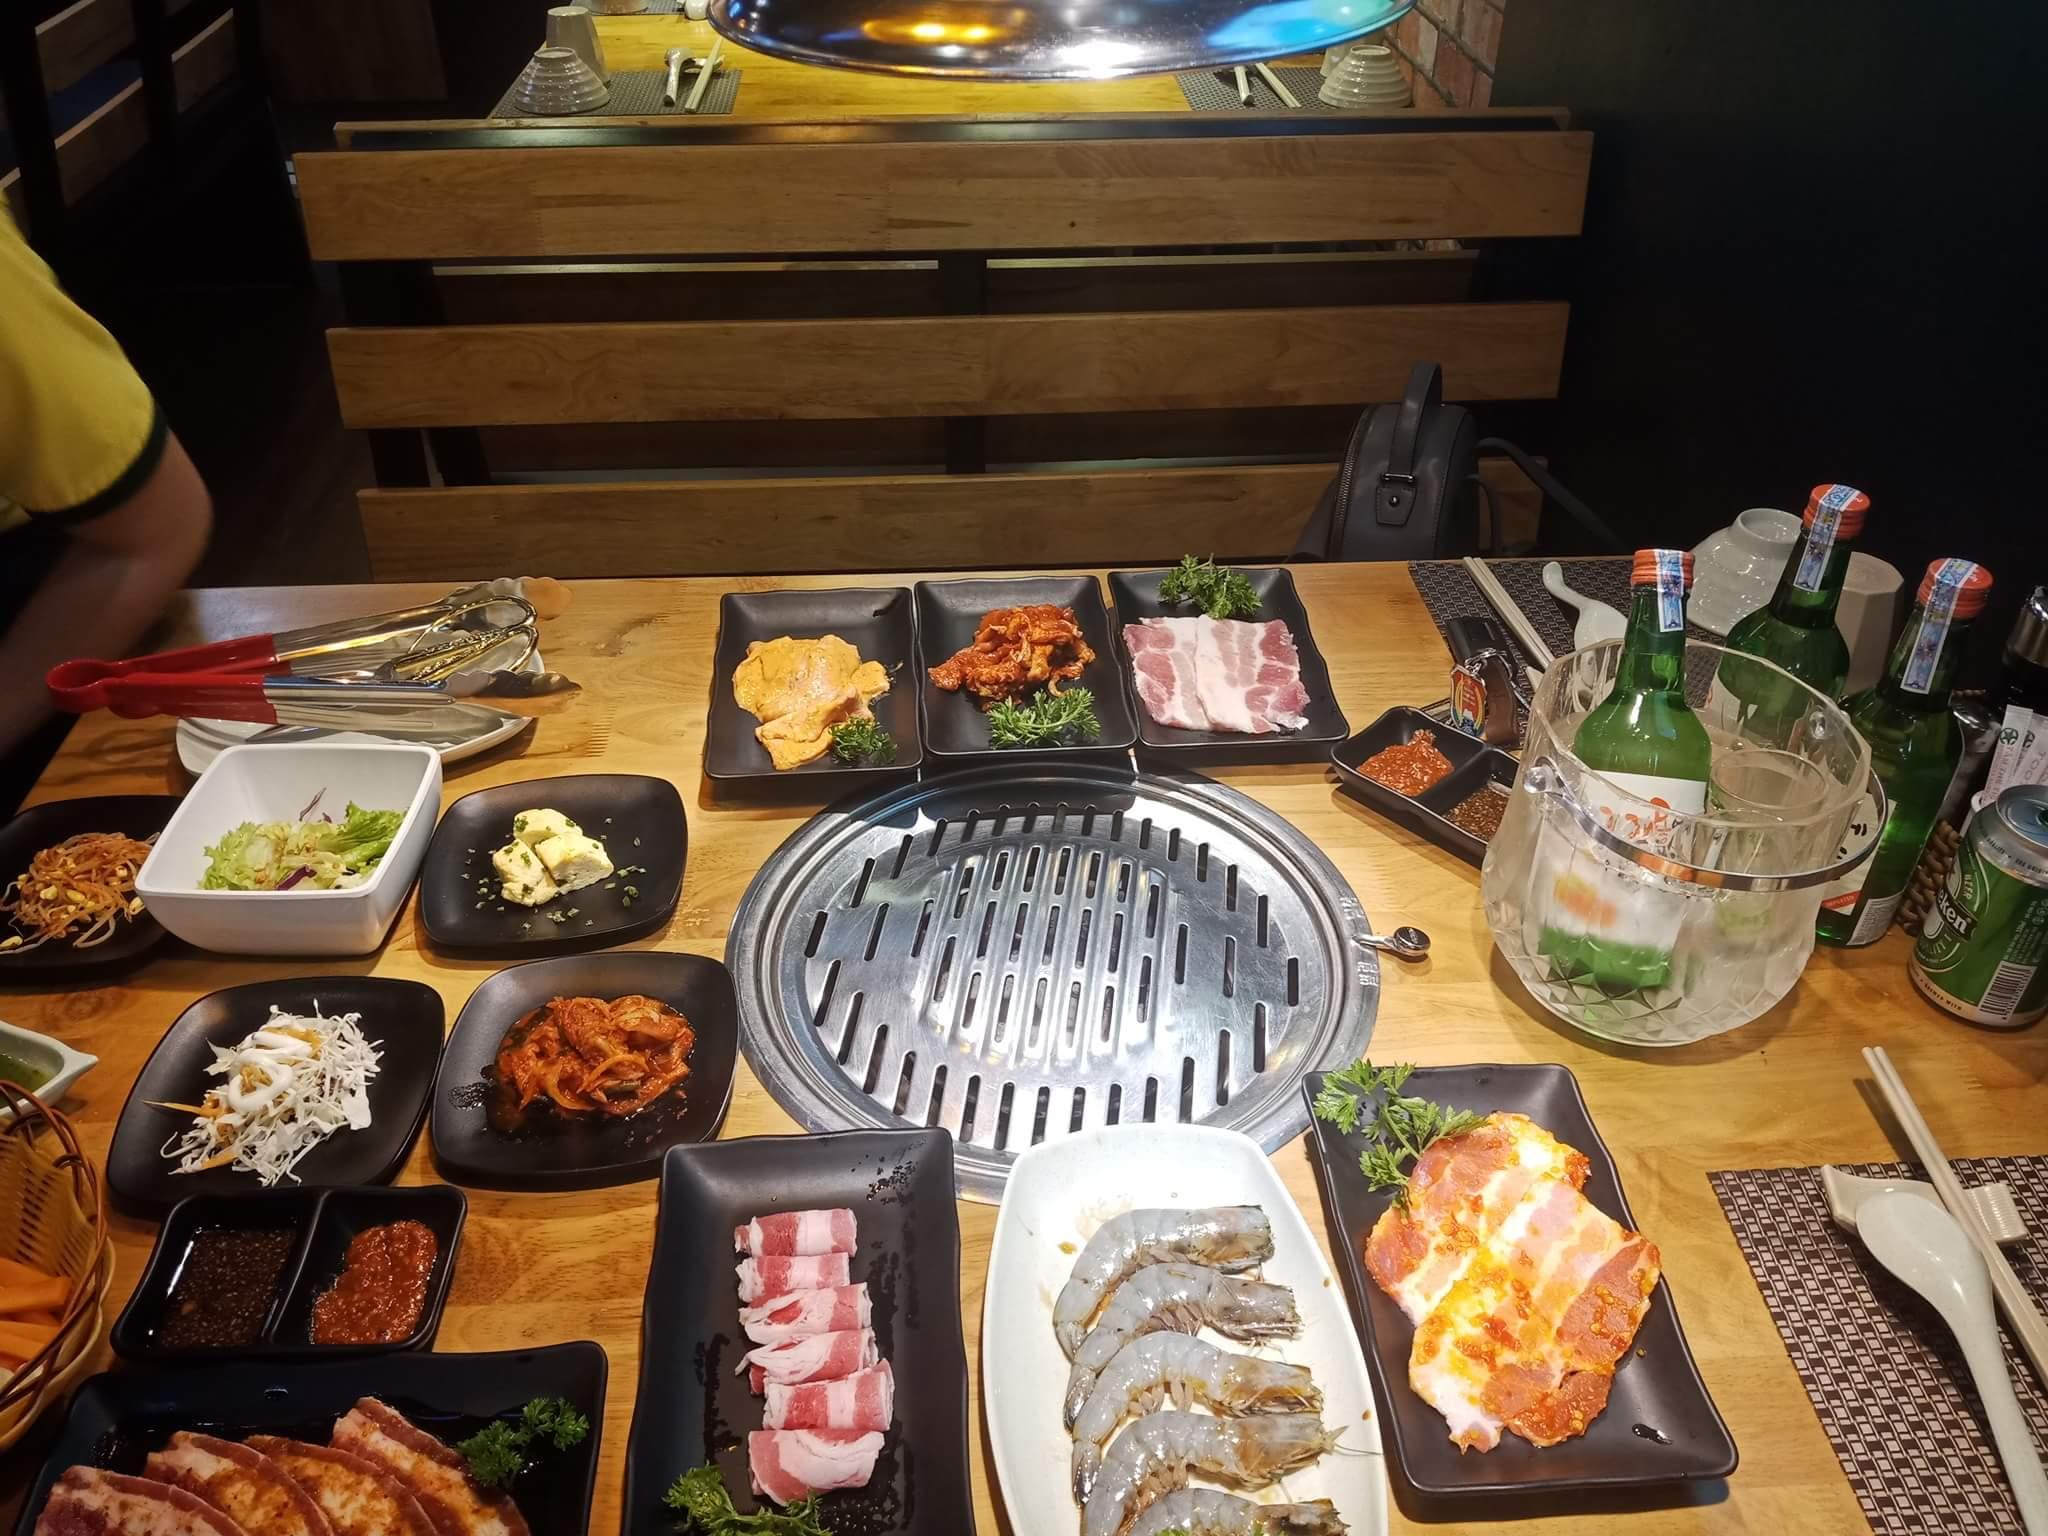 quán ăn Hàn Quốc Quận 10 2